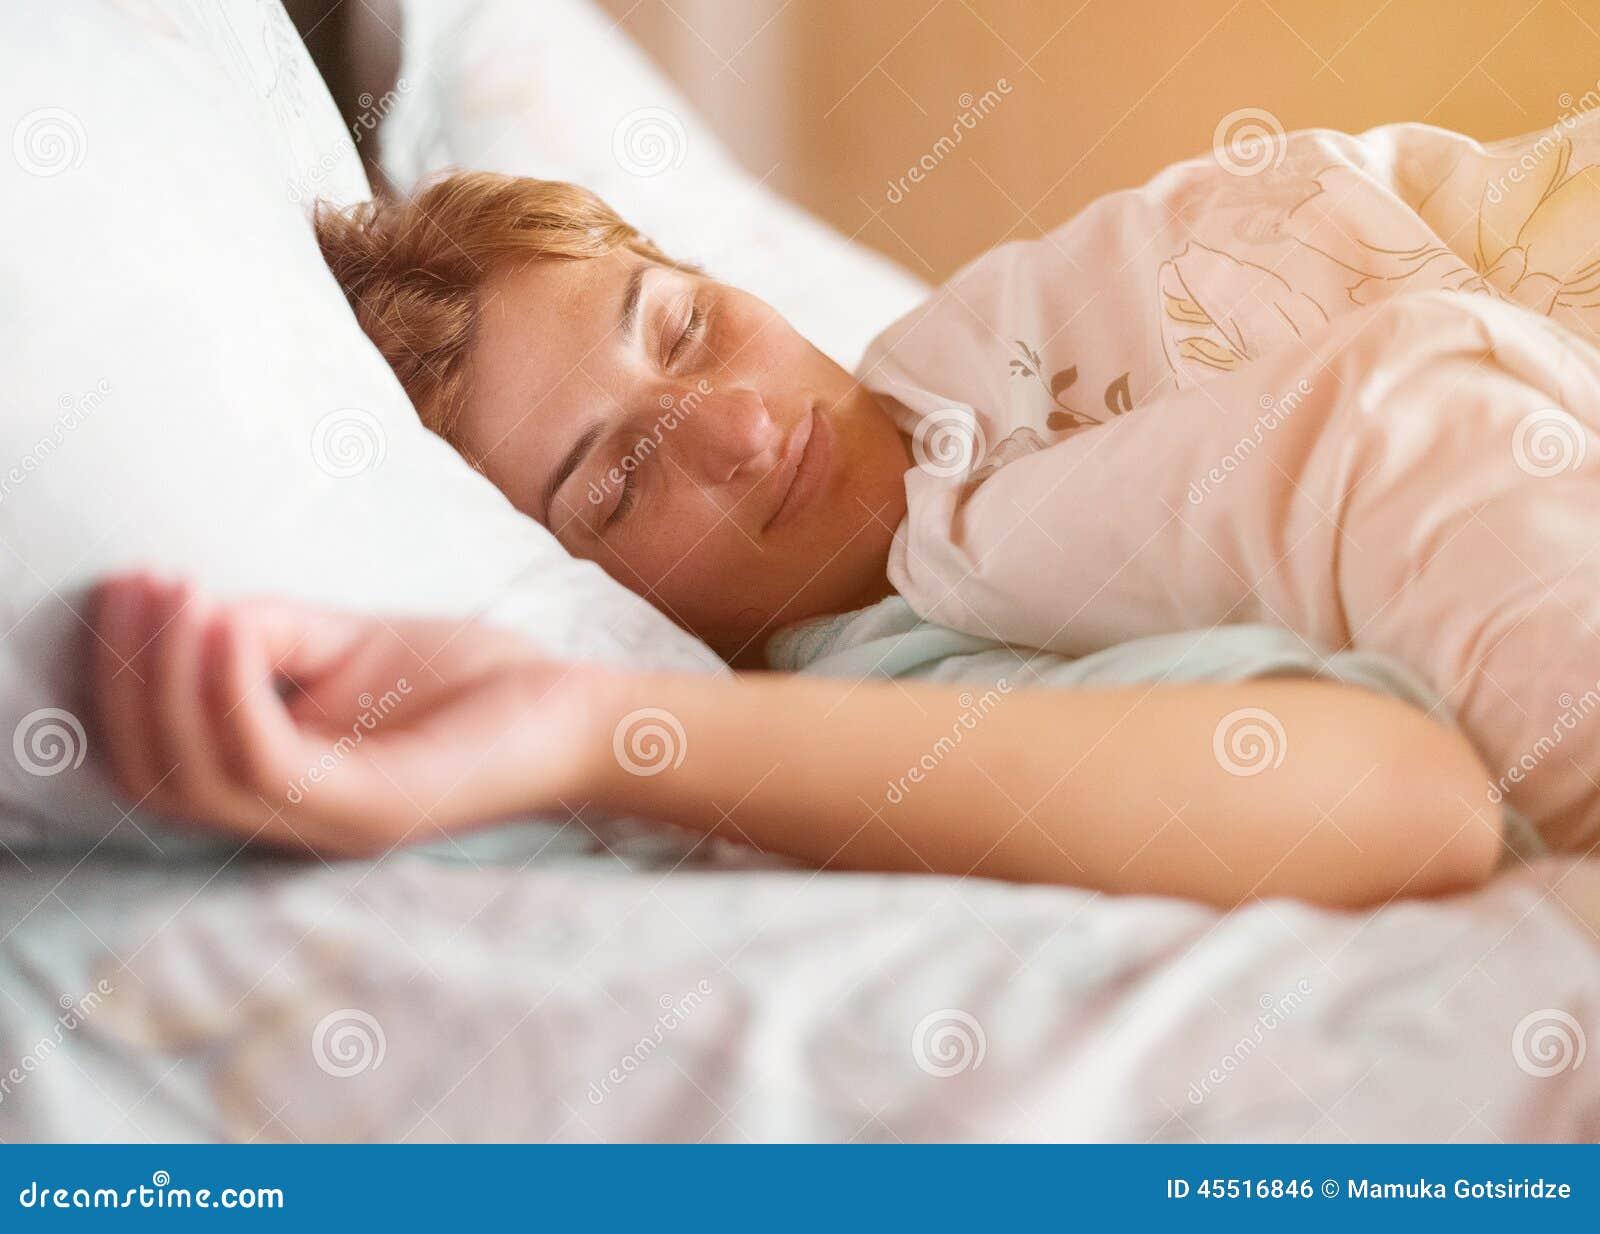 Спящая и ей толкают, Порно видео со спящими - смотреть онлайн бесплатно 26 фотография